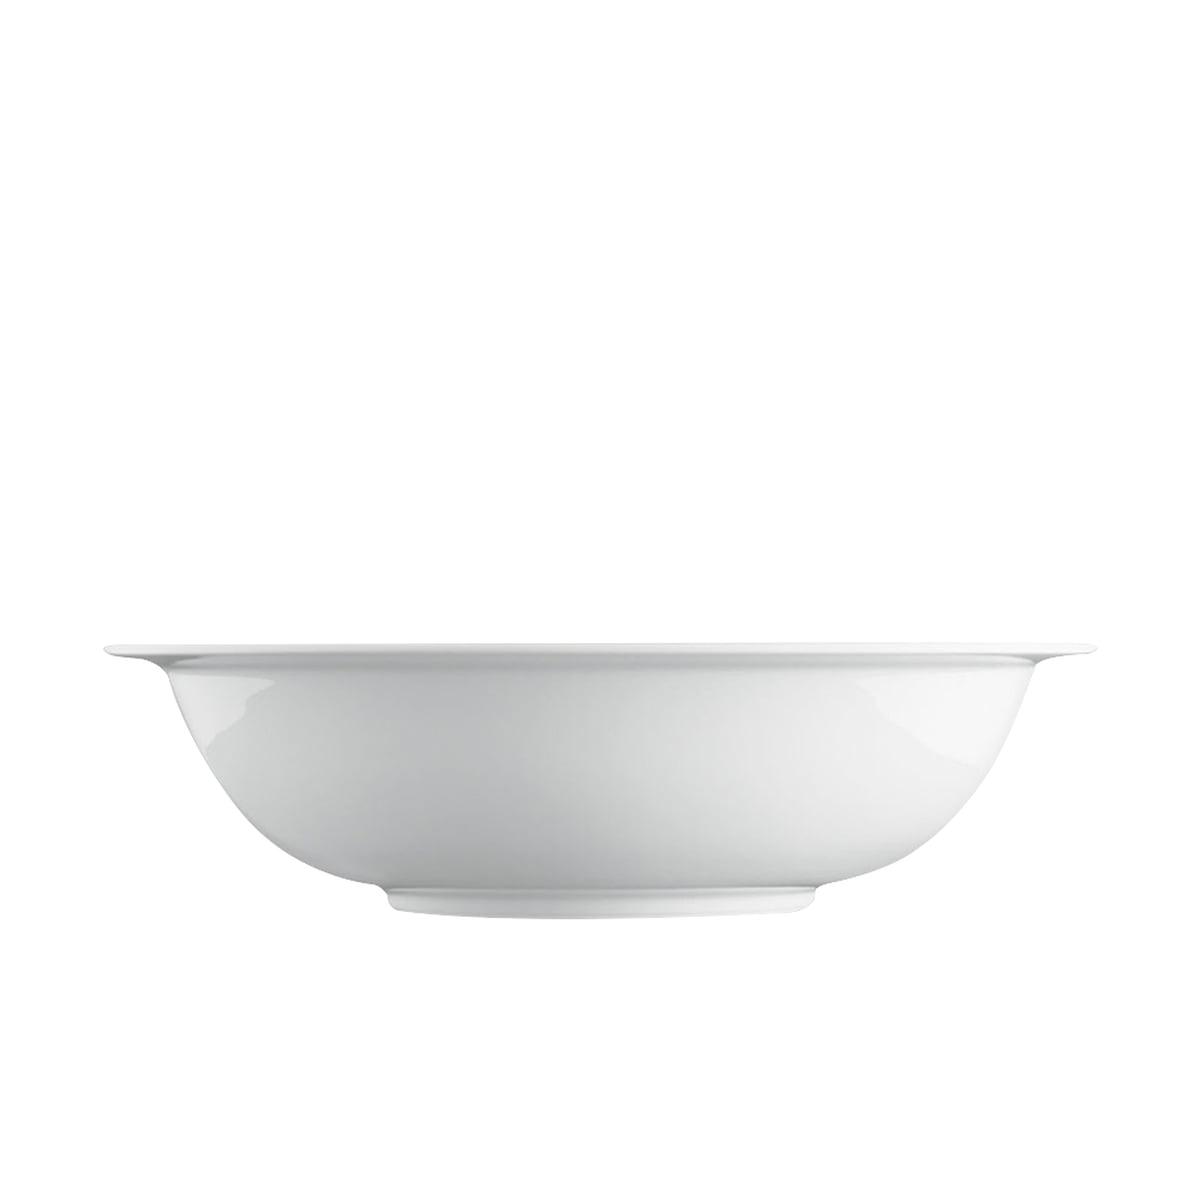 Wagenfeld - Schüssel rund, Ø 22 cm, weiß